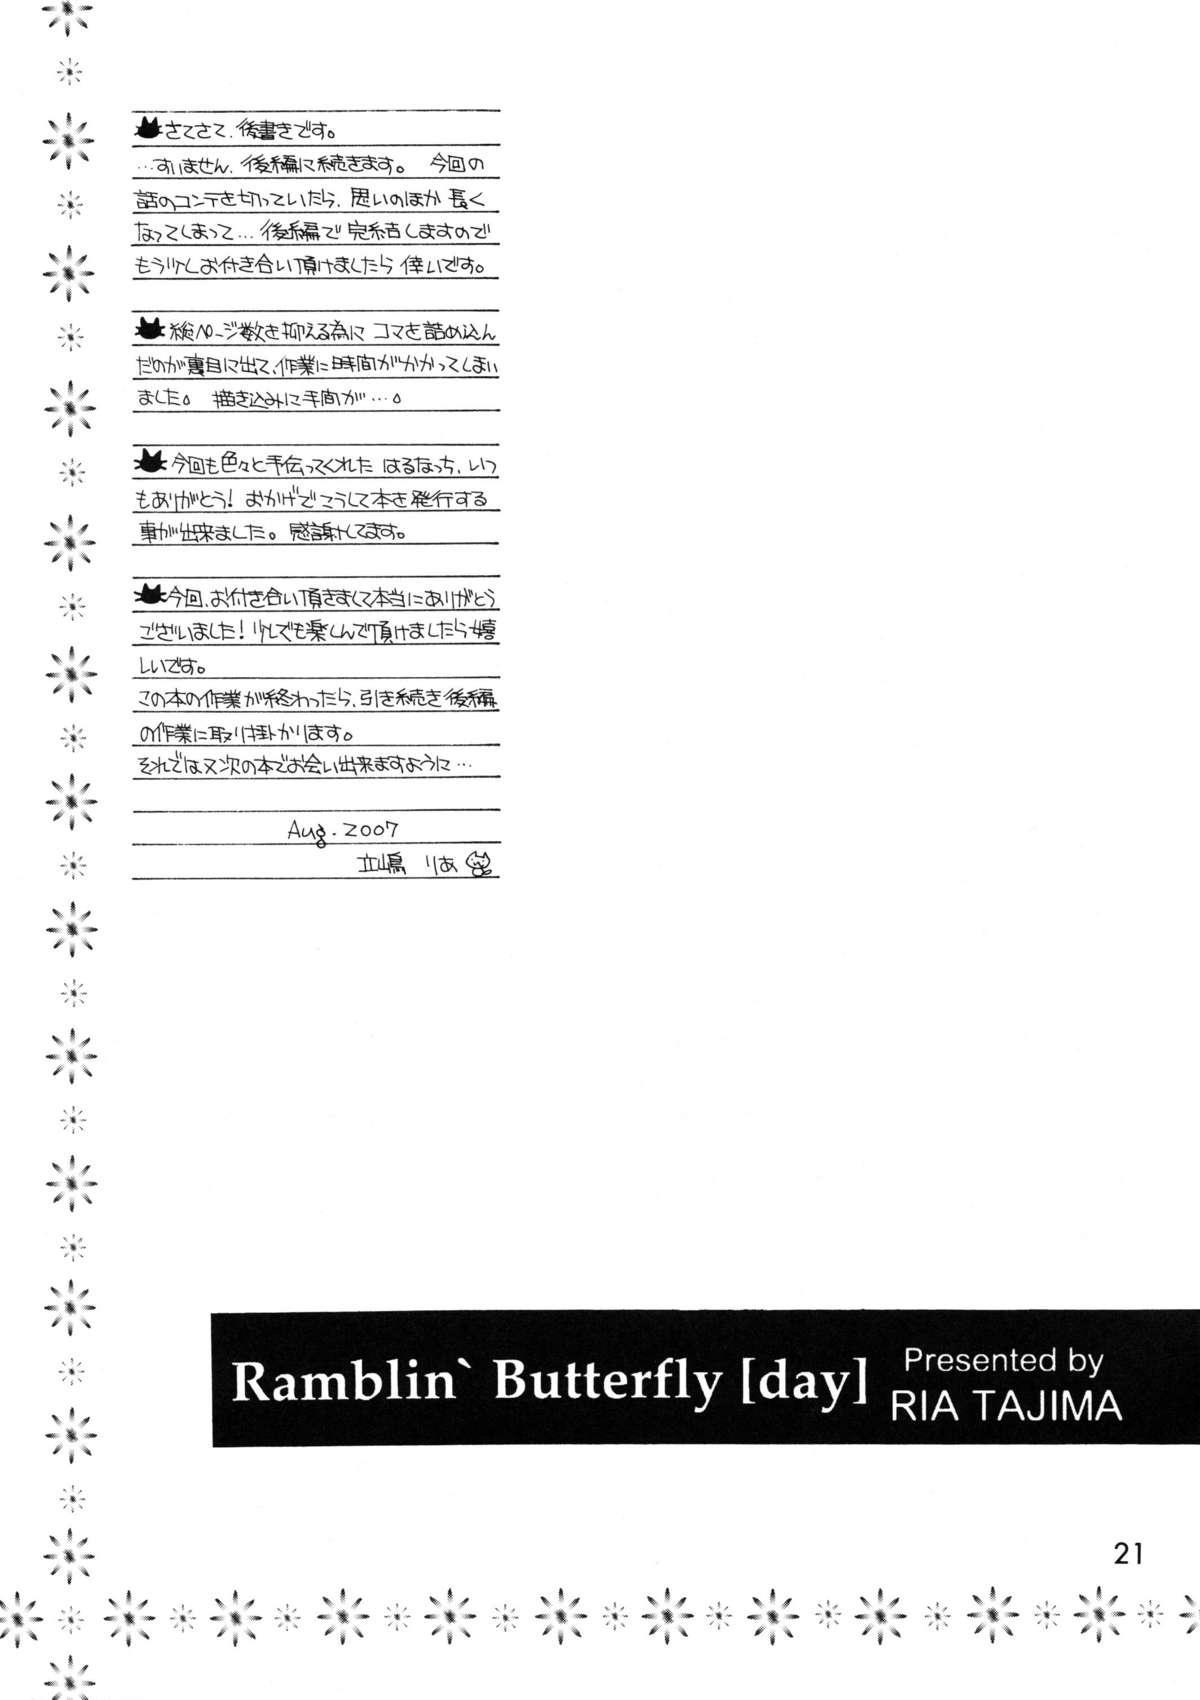 Ramblin' Butterfly 19